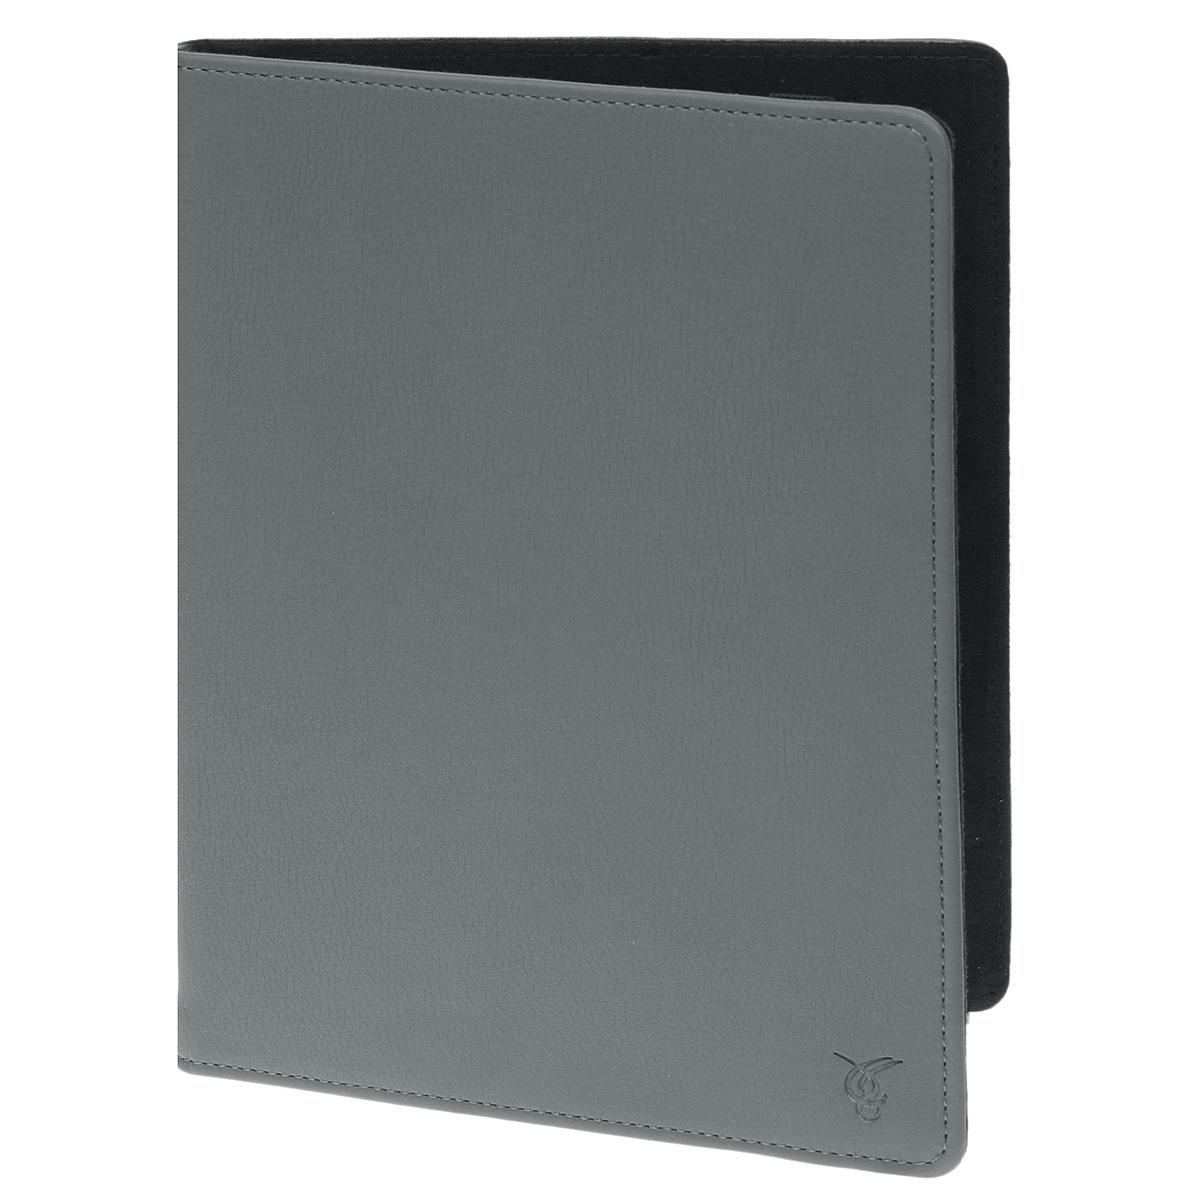 Vivacase Basic универсальный чехол-обложка для планшетов 9, Gray (VUC-CM009-gr)VUC-CM009-grУниверсальный чехол Vivacase с резиновым креплением, который подходит для любых популярных планшетов и электронных книг с диагональю дисплея в 9 дюймов. Он изготовлен из качественной ПУ-кожи, которой обтянут прочный каркас, защищающий устройство во время падений. Внутренняя часть отделана мягкой подкладкой, которая не оставляет никаких следов на корпусе и дисплее.Каркас из тонкой и мягкой резины позволяет прочно и надежно закрепить устройство подходящего размера. Для того чтобы установить устройство в альбомной ориентации, удобной для просмотра видео или чтения, чехол имеет подвижную площадку и два углубления, которые позволяют зафиксировать планшет под двумя разными углами.